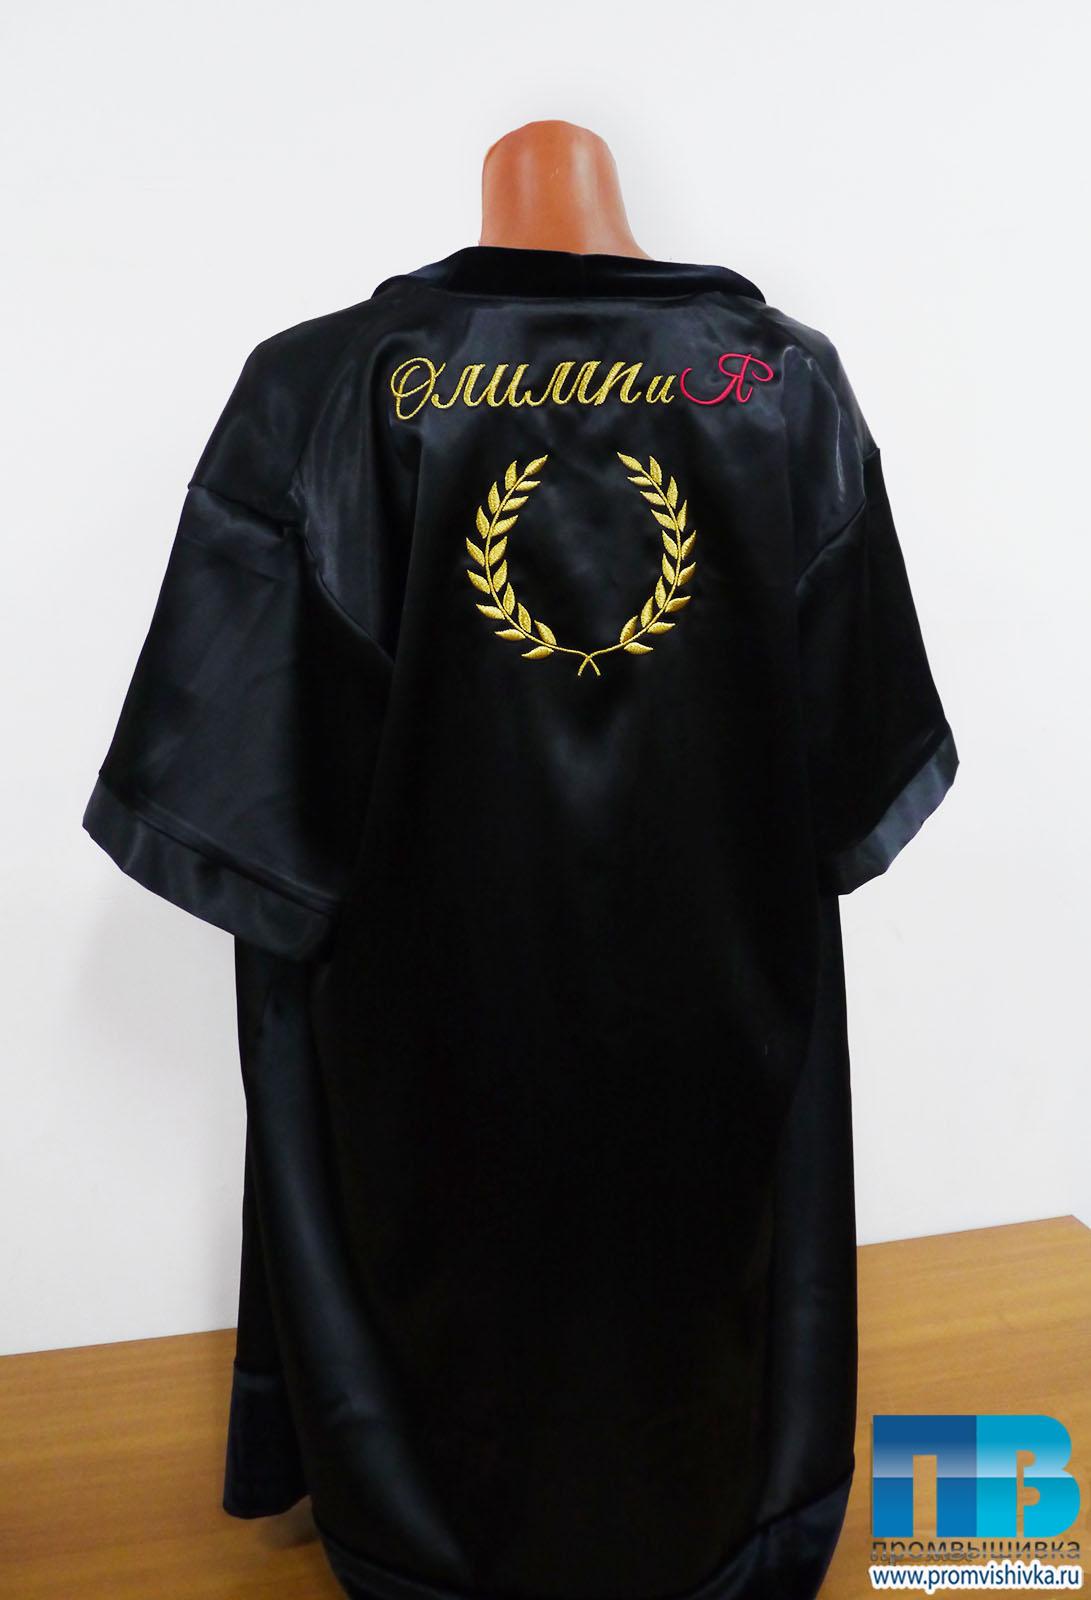 Вышивка на черном халате 18